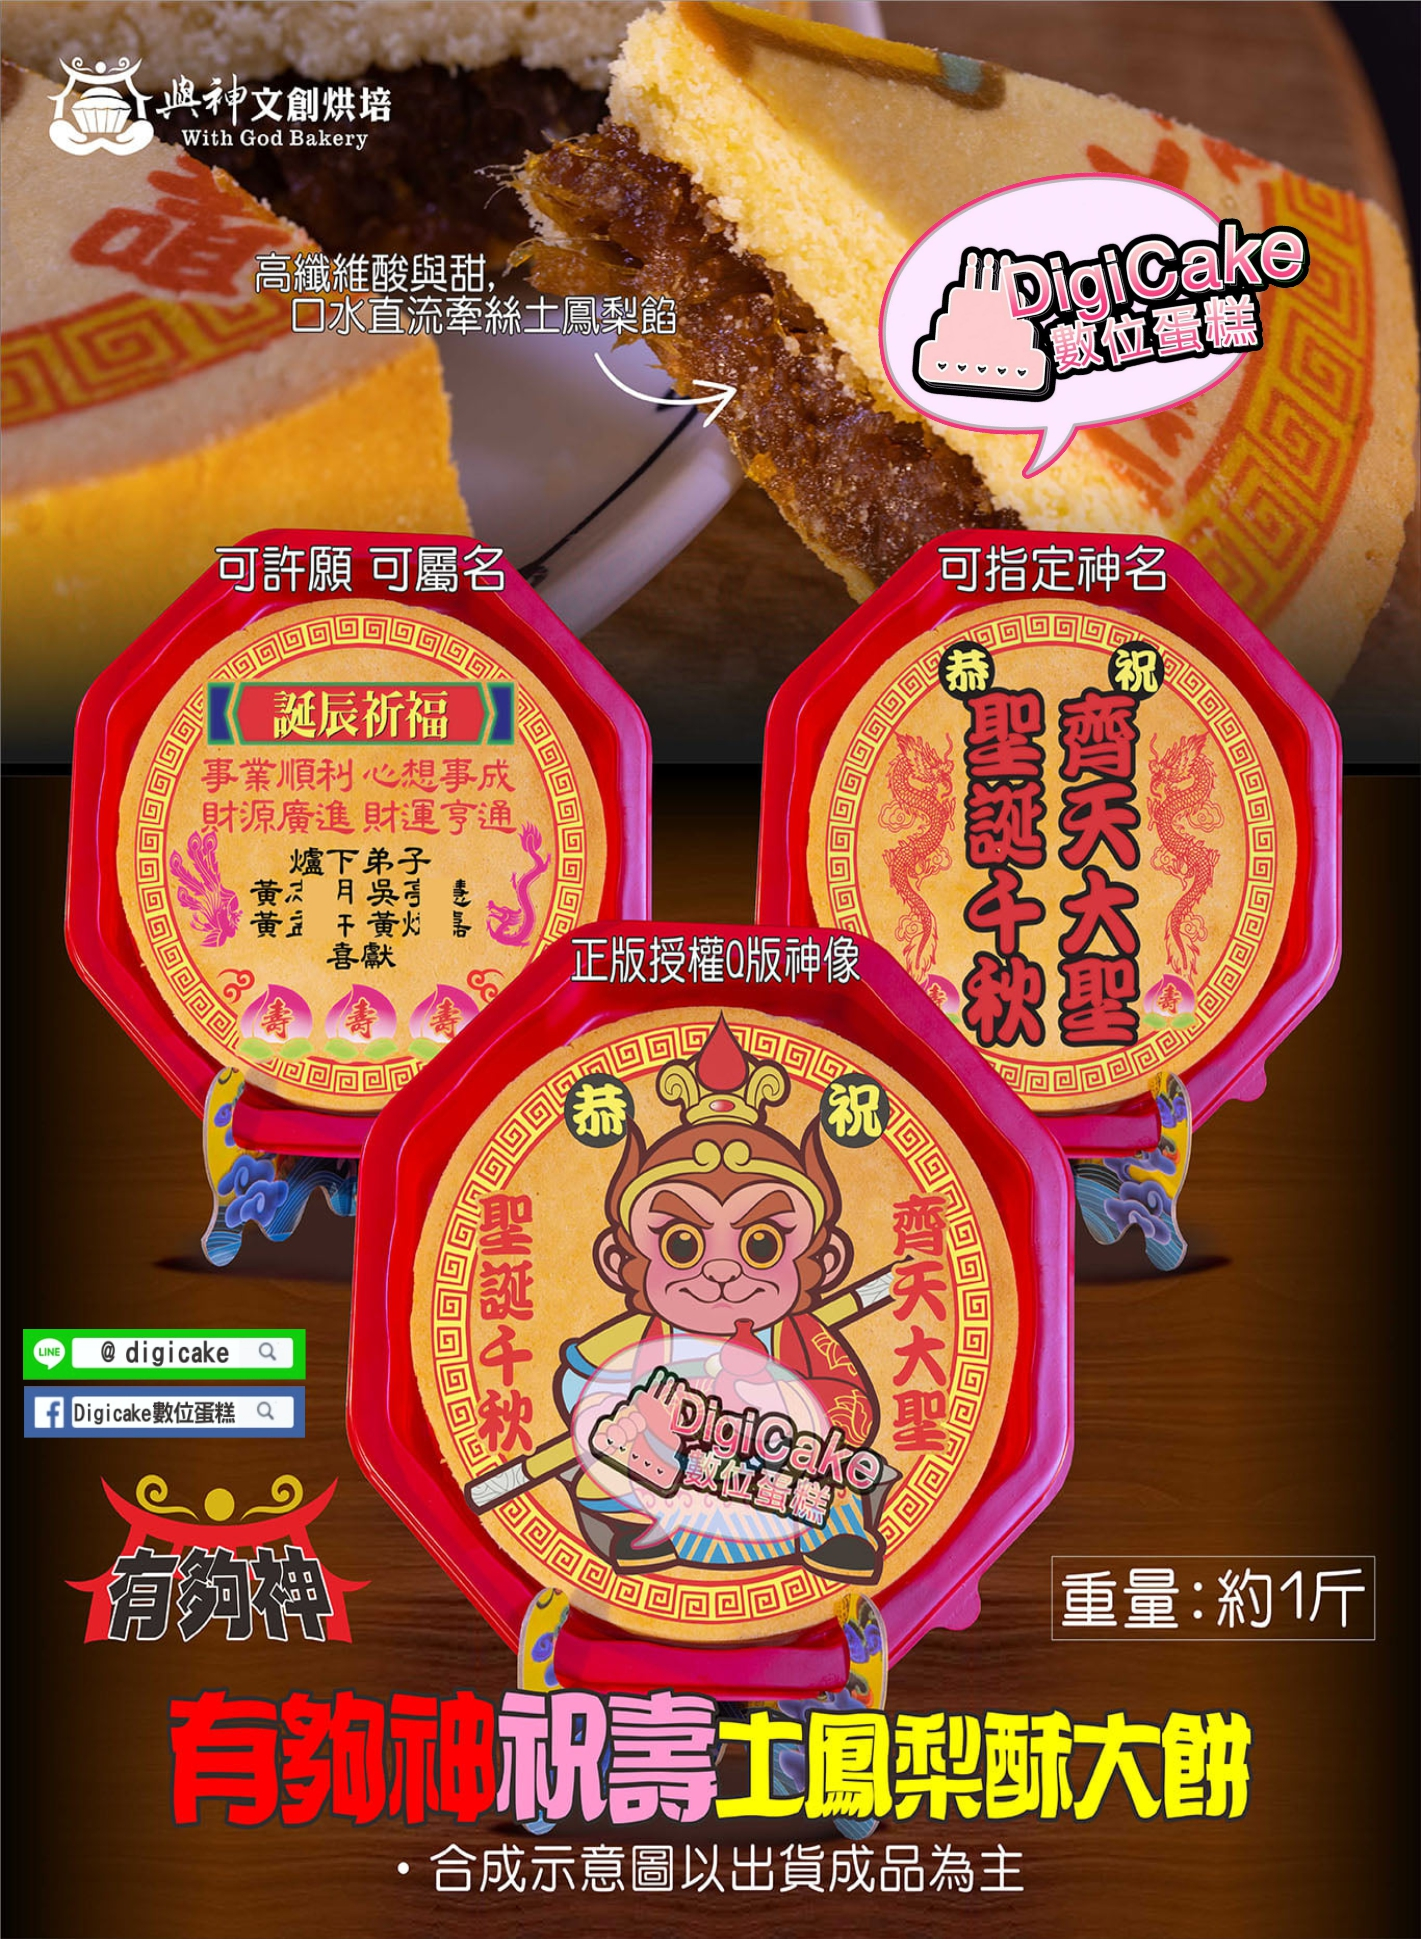 點此進入齊天大聖祝壽土鳳梨酥3片一組+含立架的詳細資料!